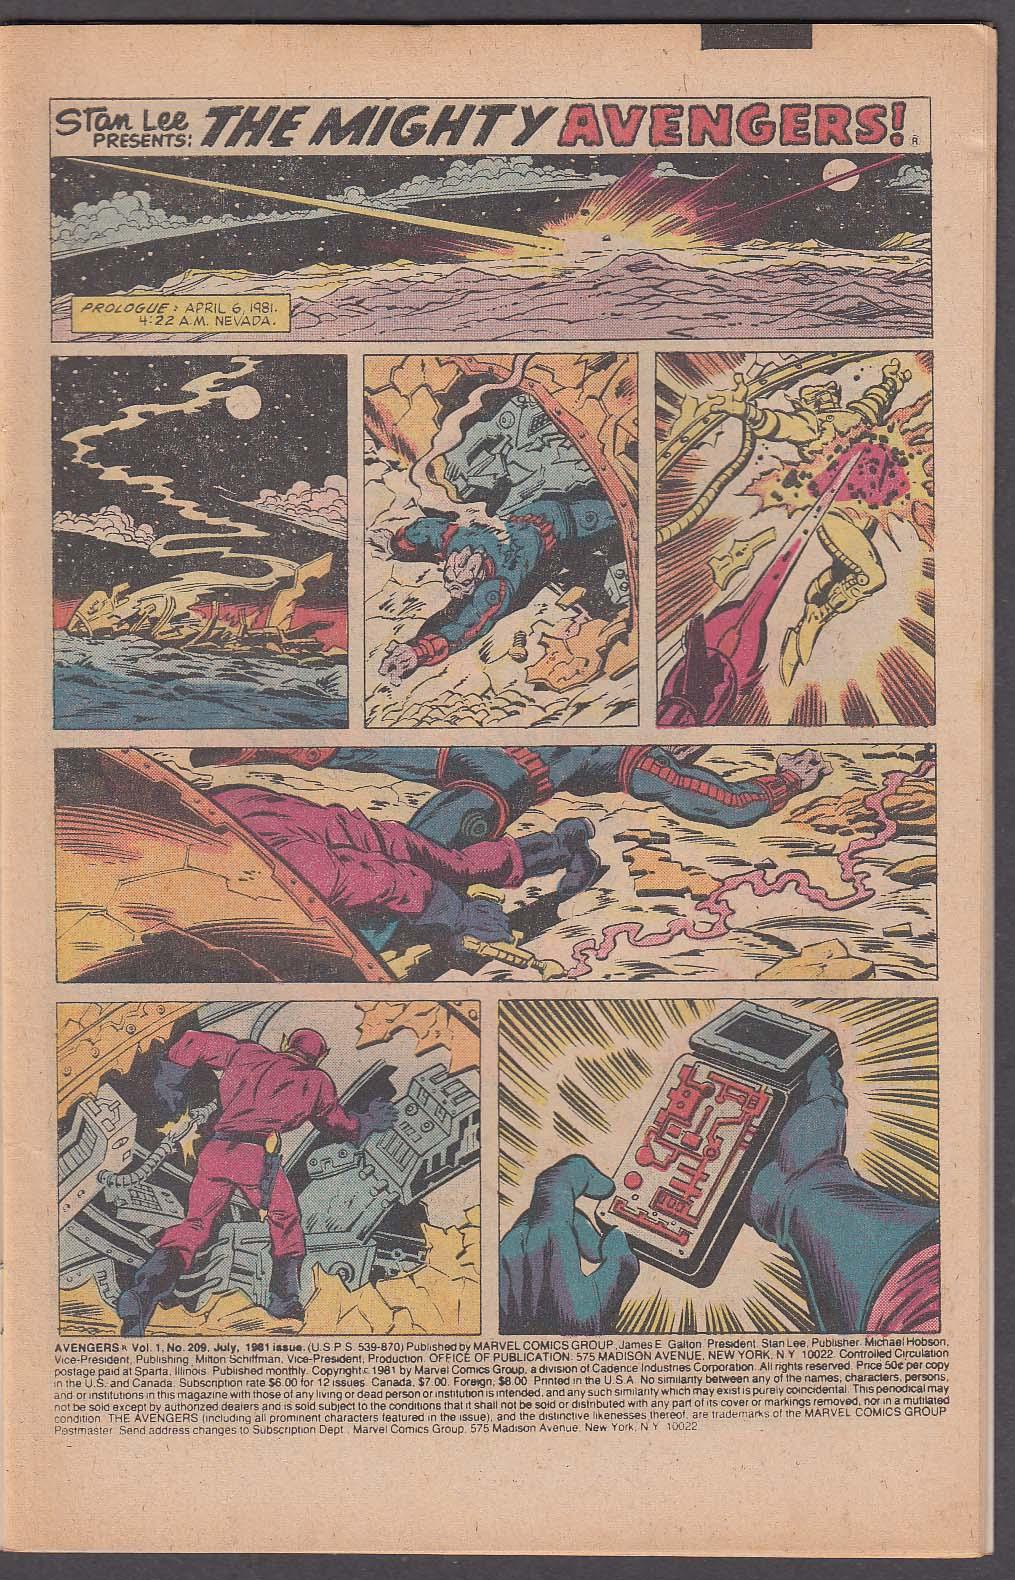 The AVENGERS #209 Marvel comic book 7 1981